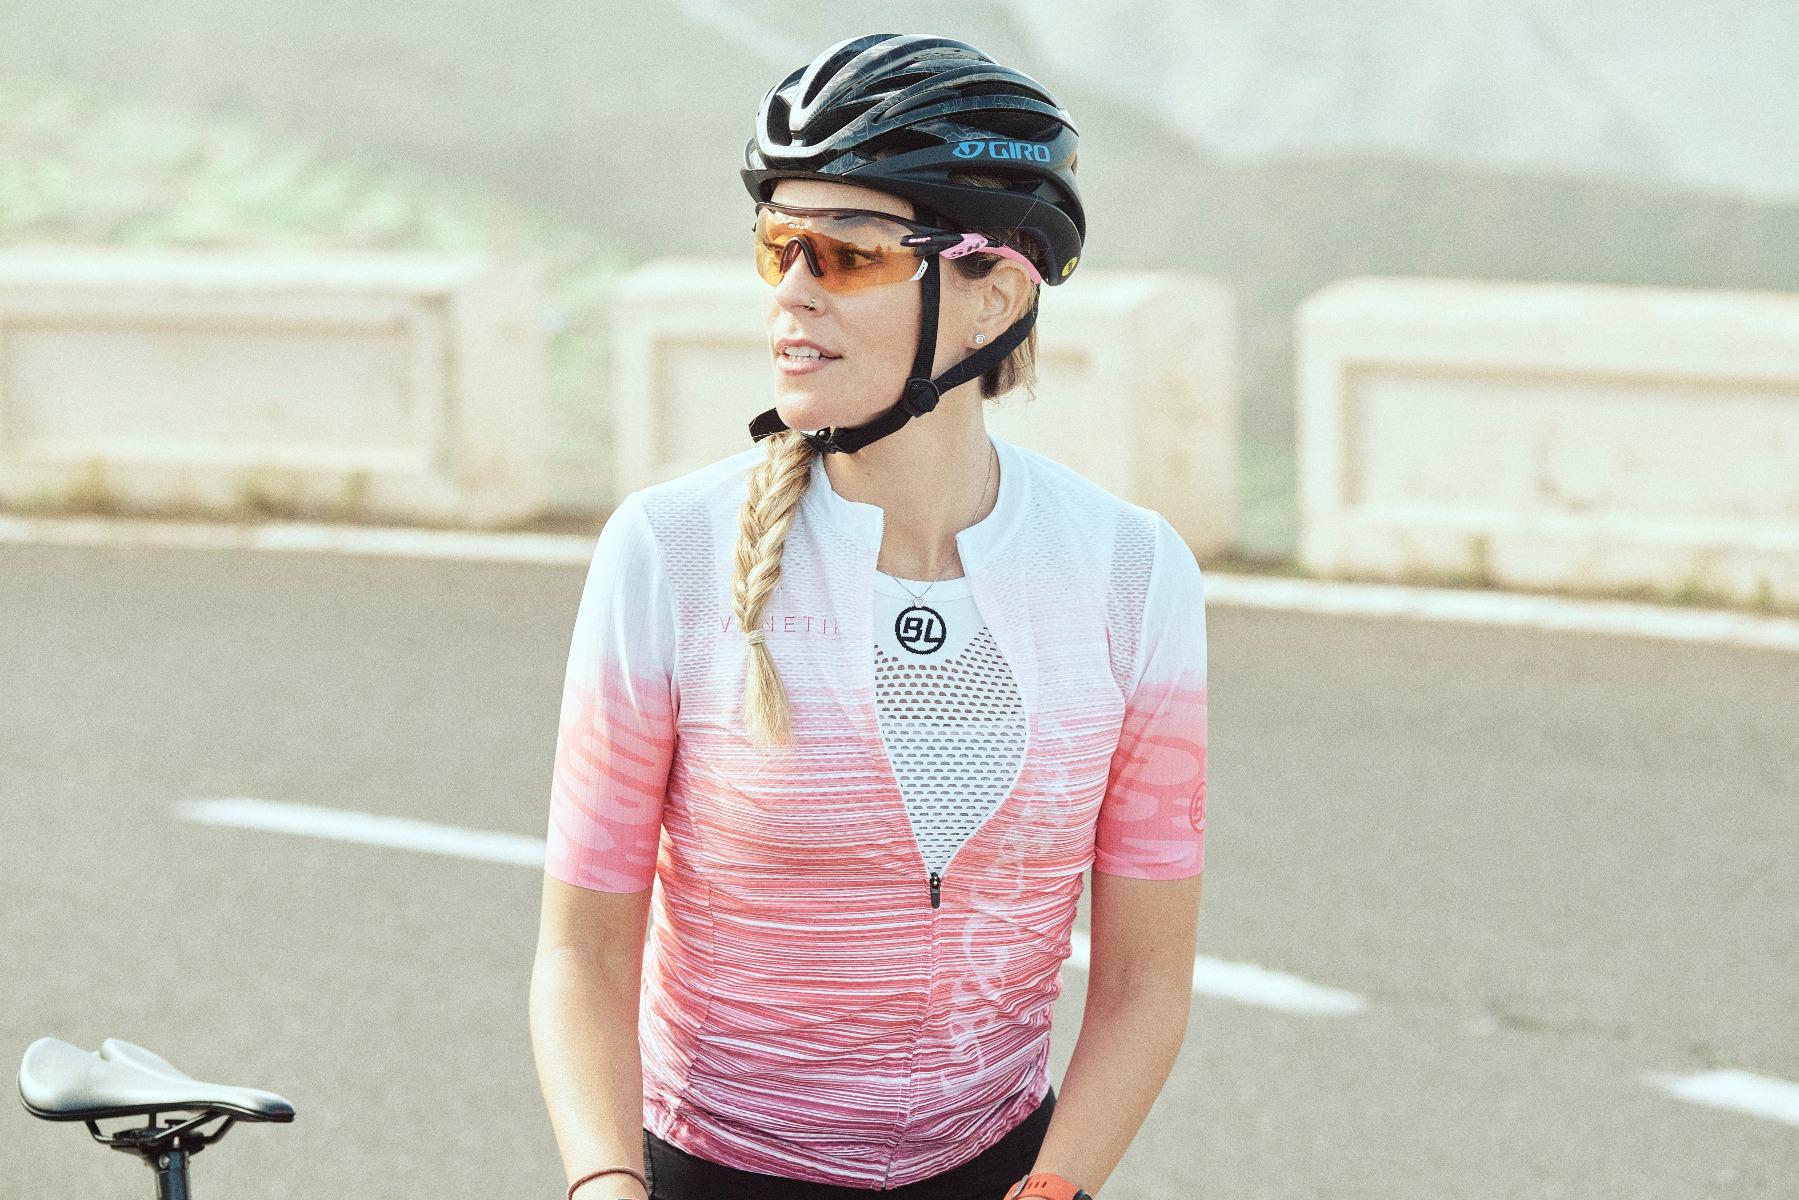 Maglia ciclismo donna BL VENETIA fucsia